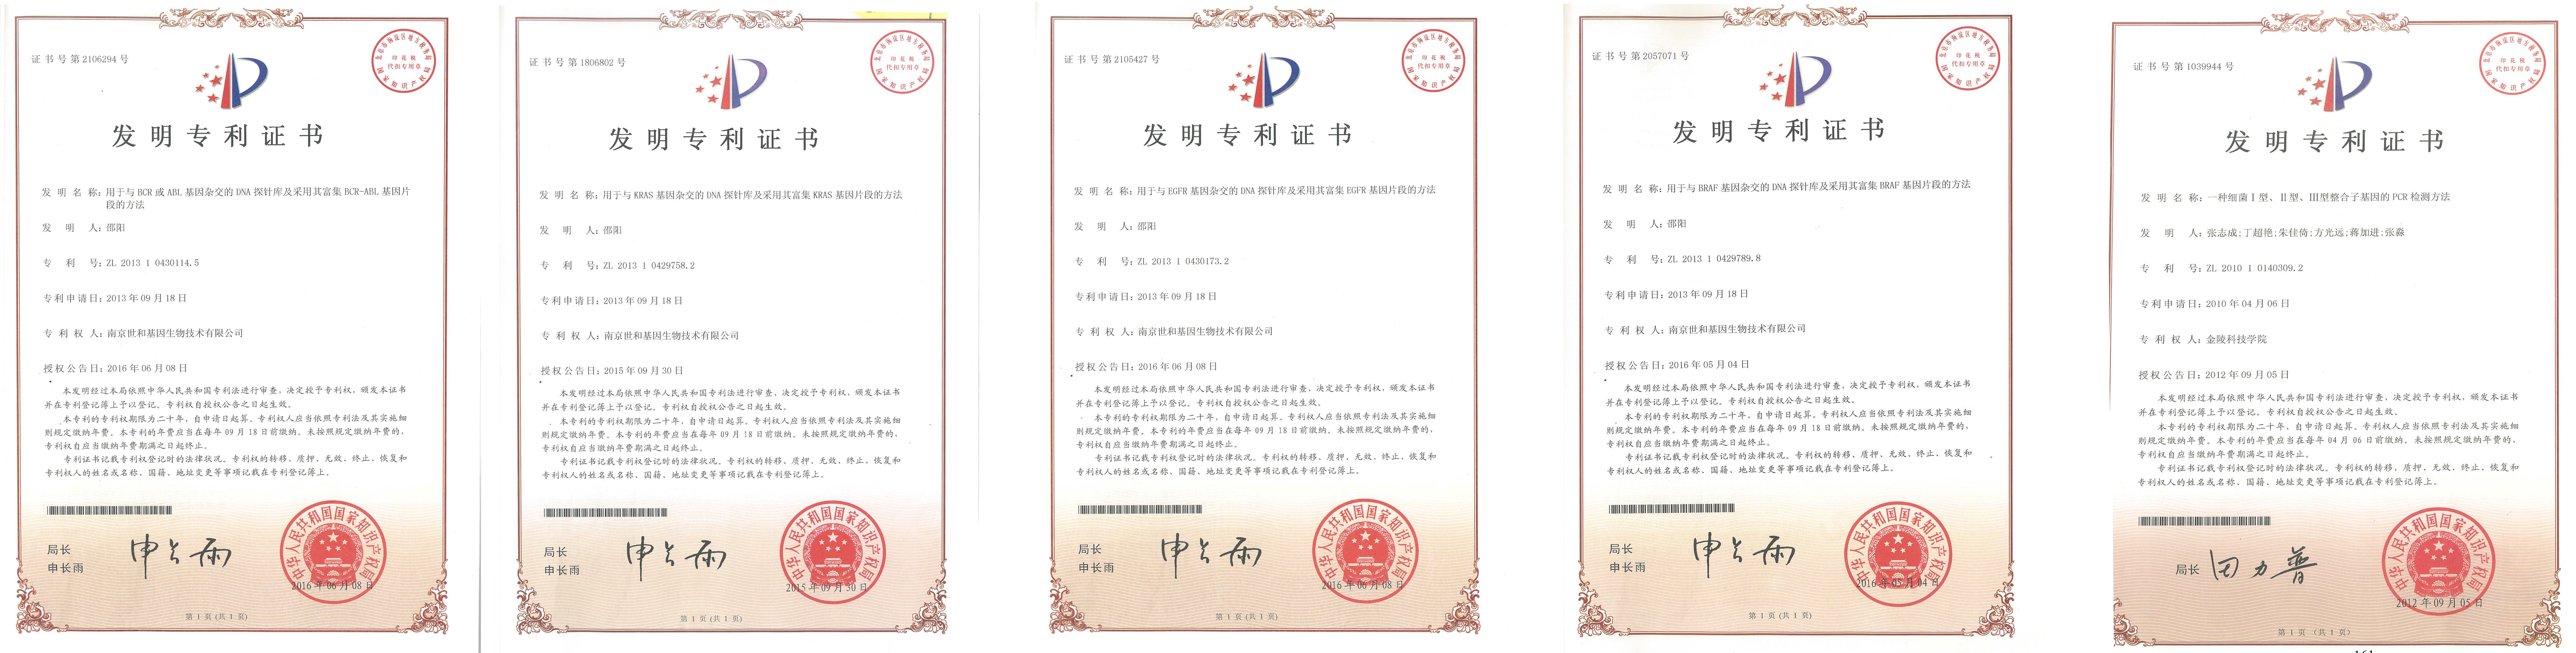 国家知识产权——专利发明证书